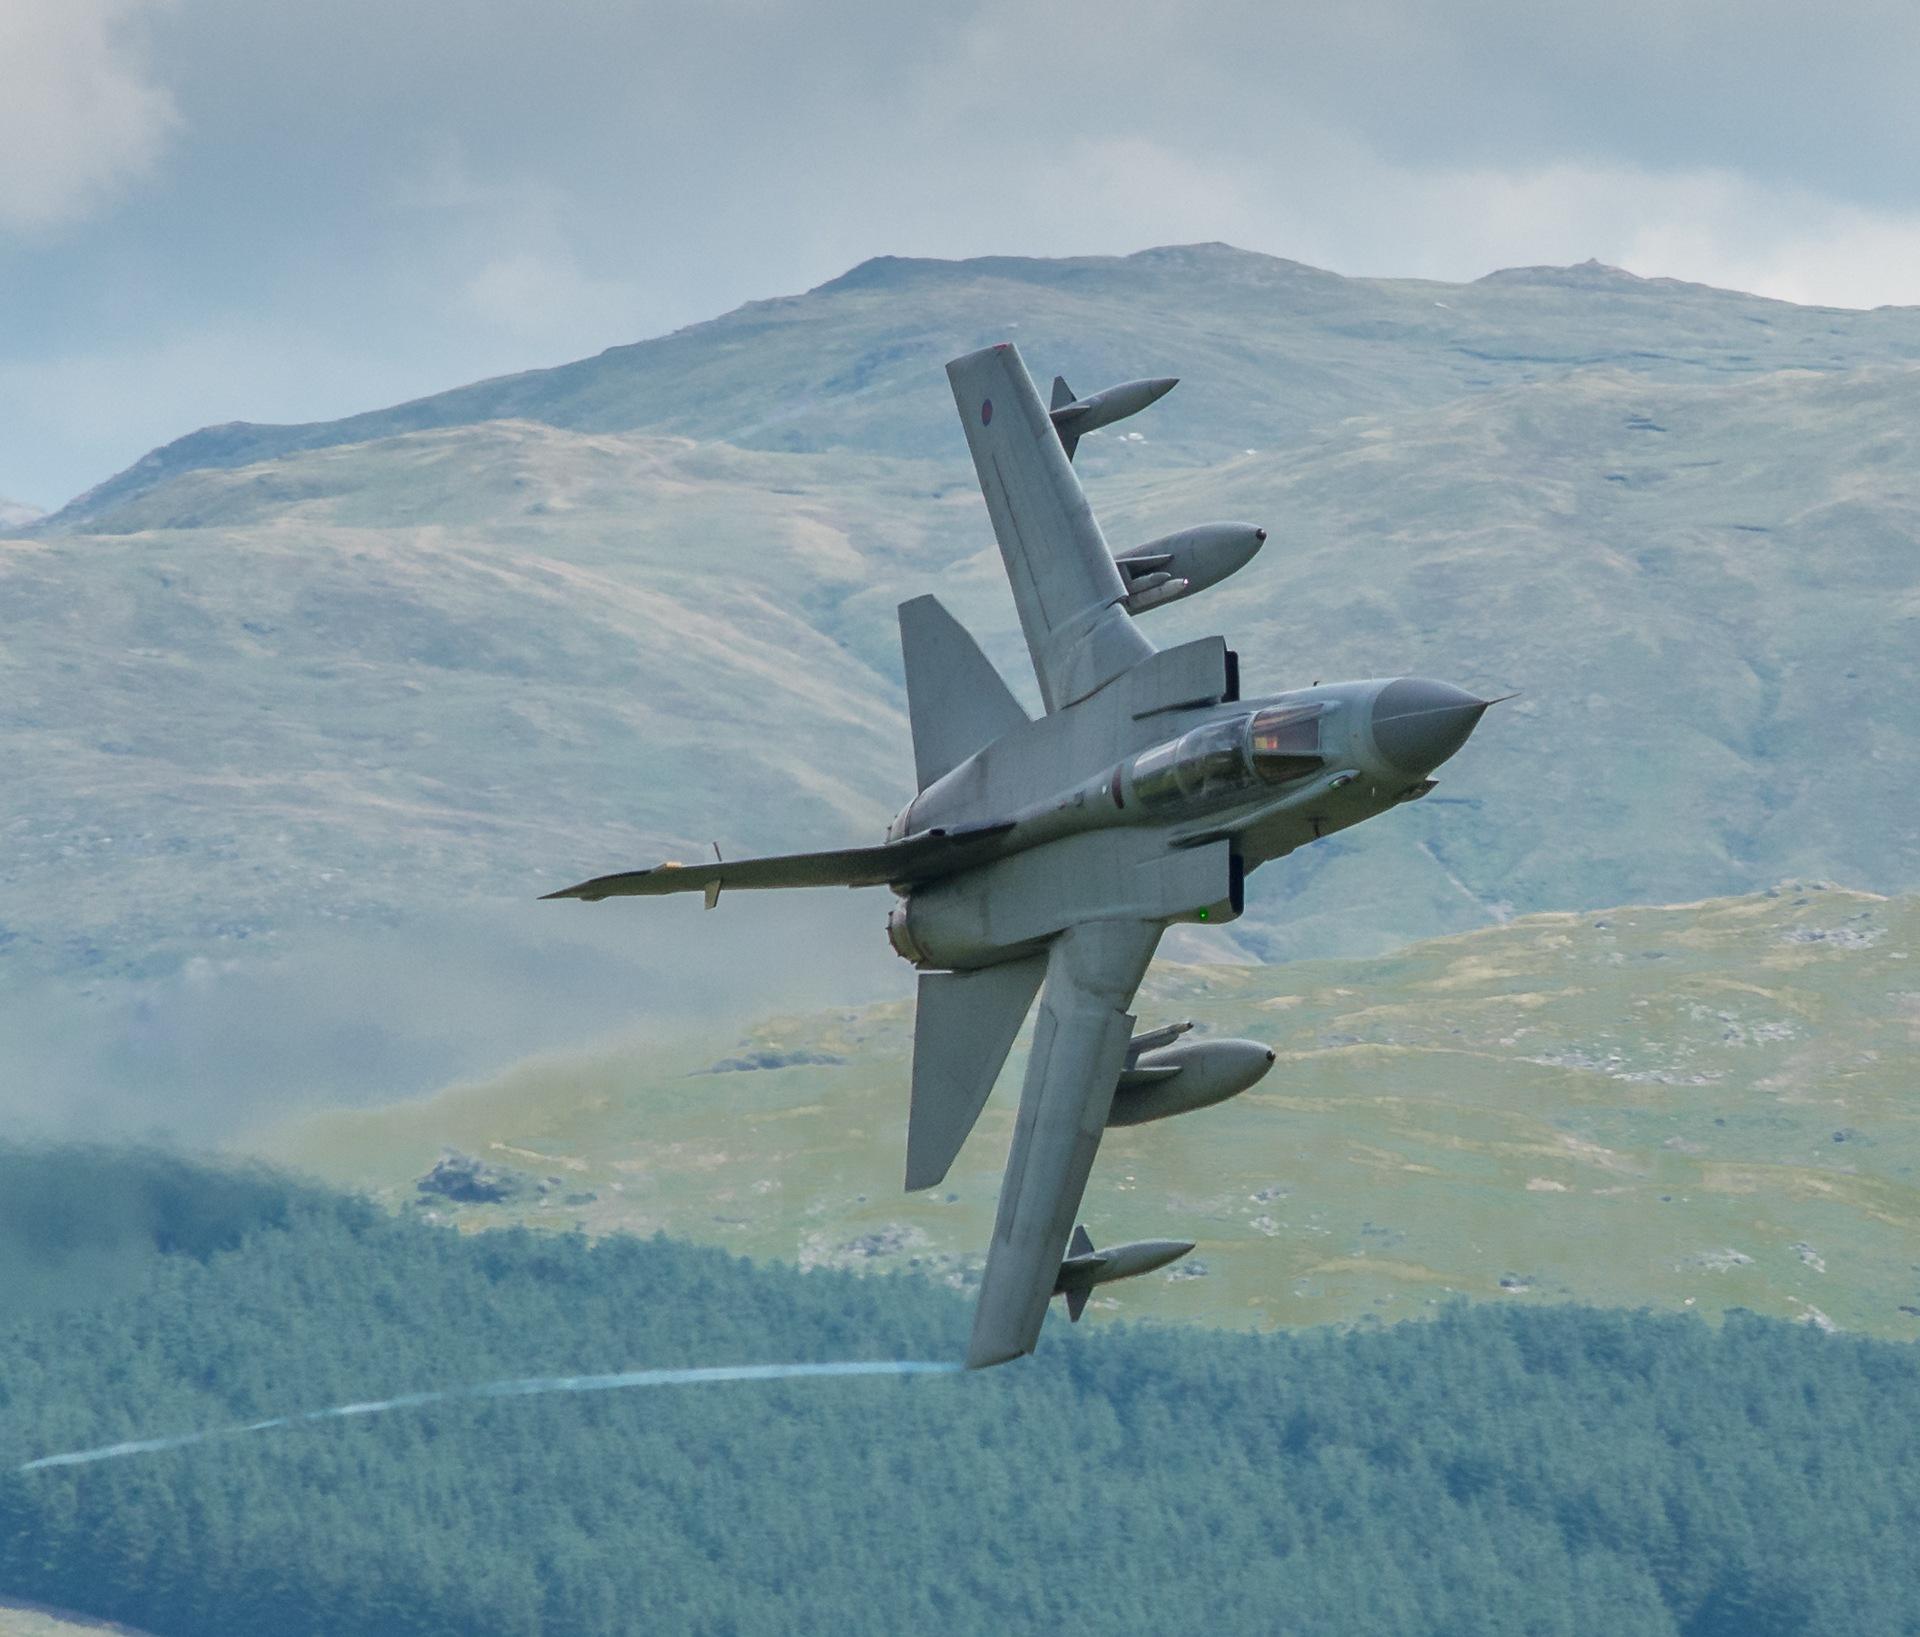 Tornado GR4 Machloop by Ian Lane